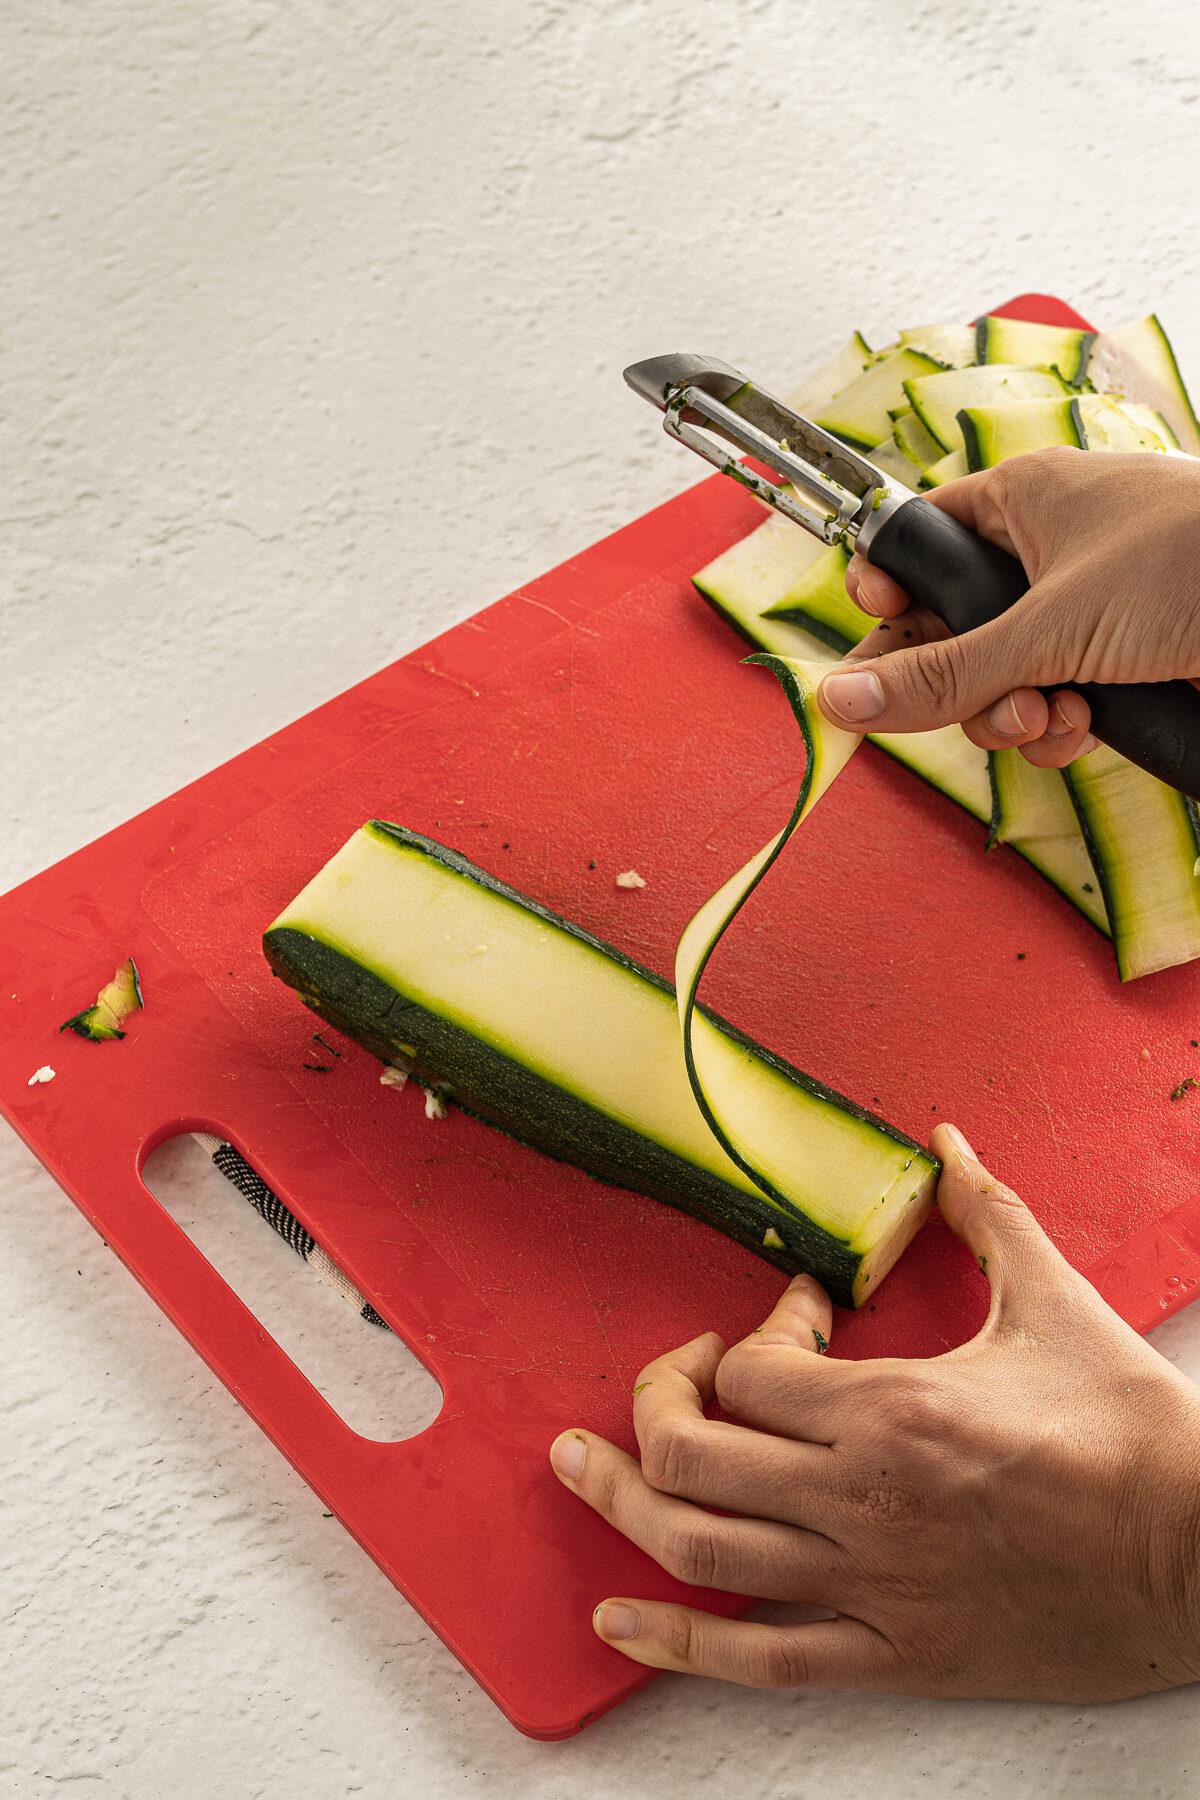 Strip of zucchini